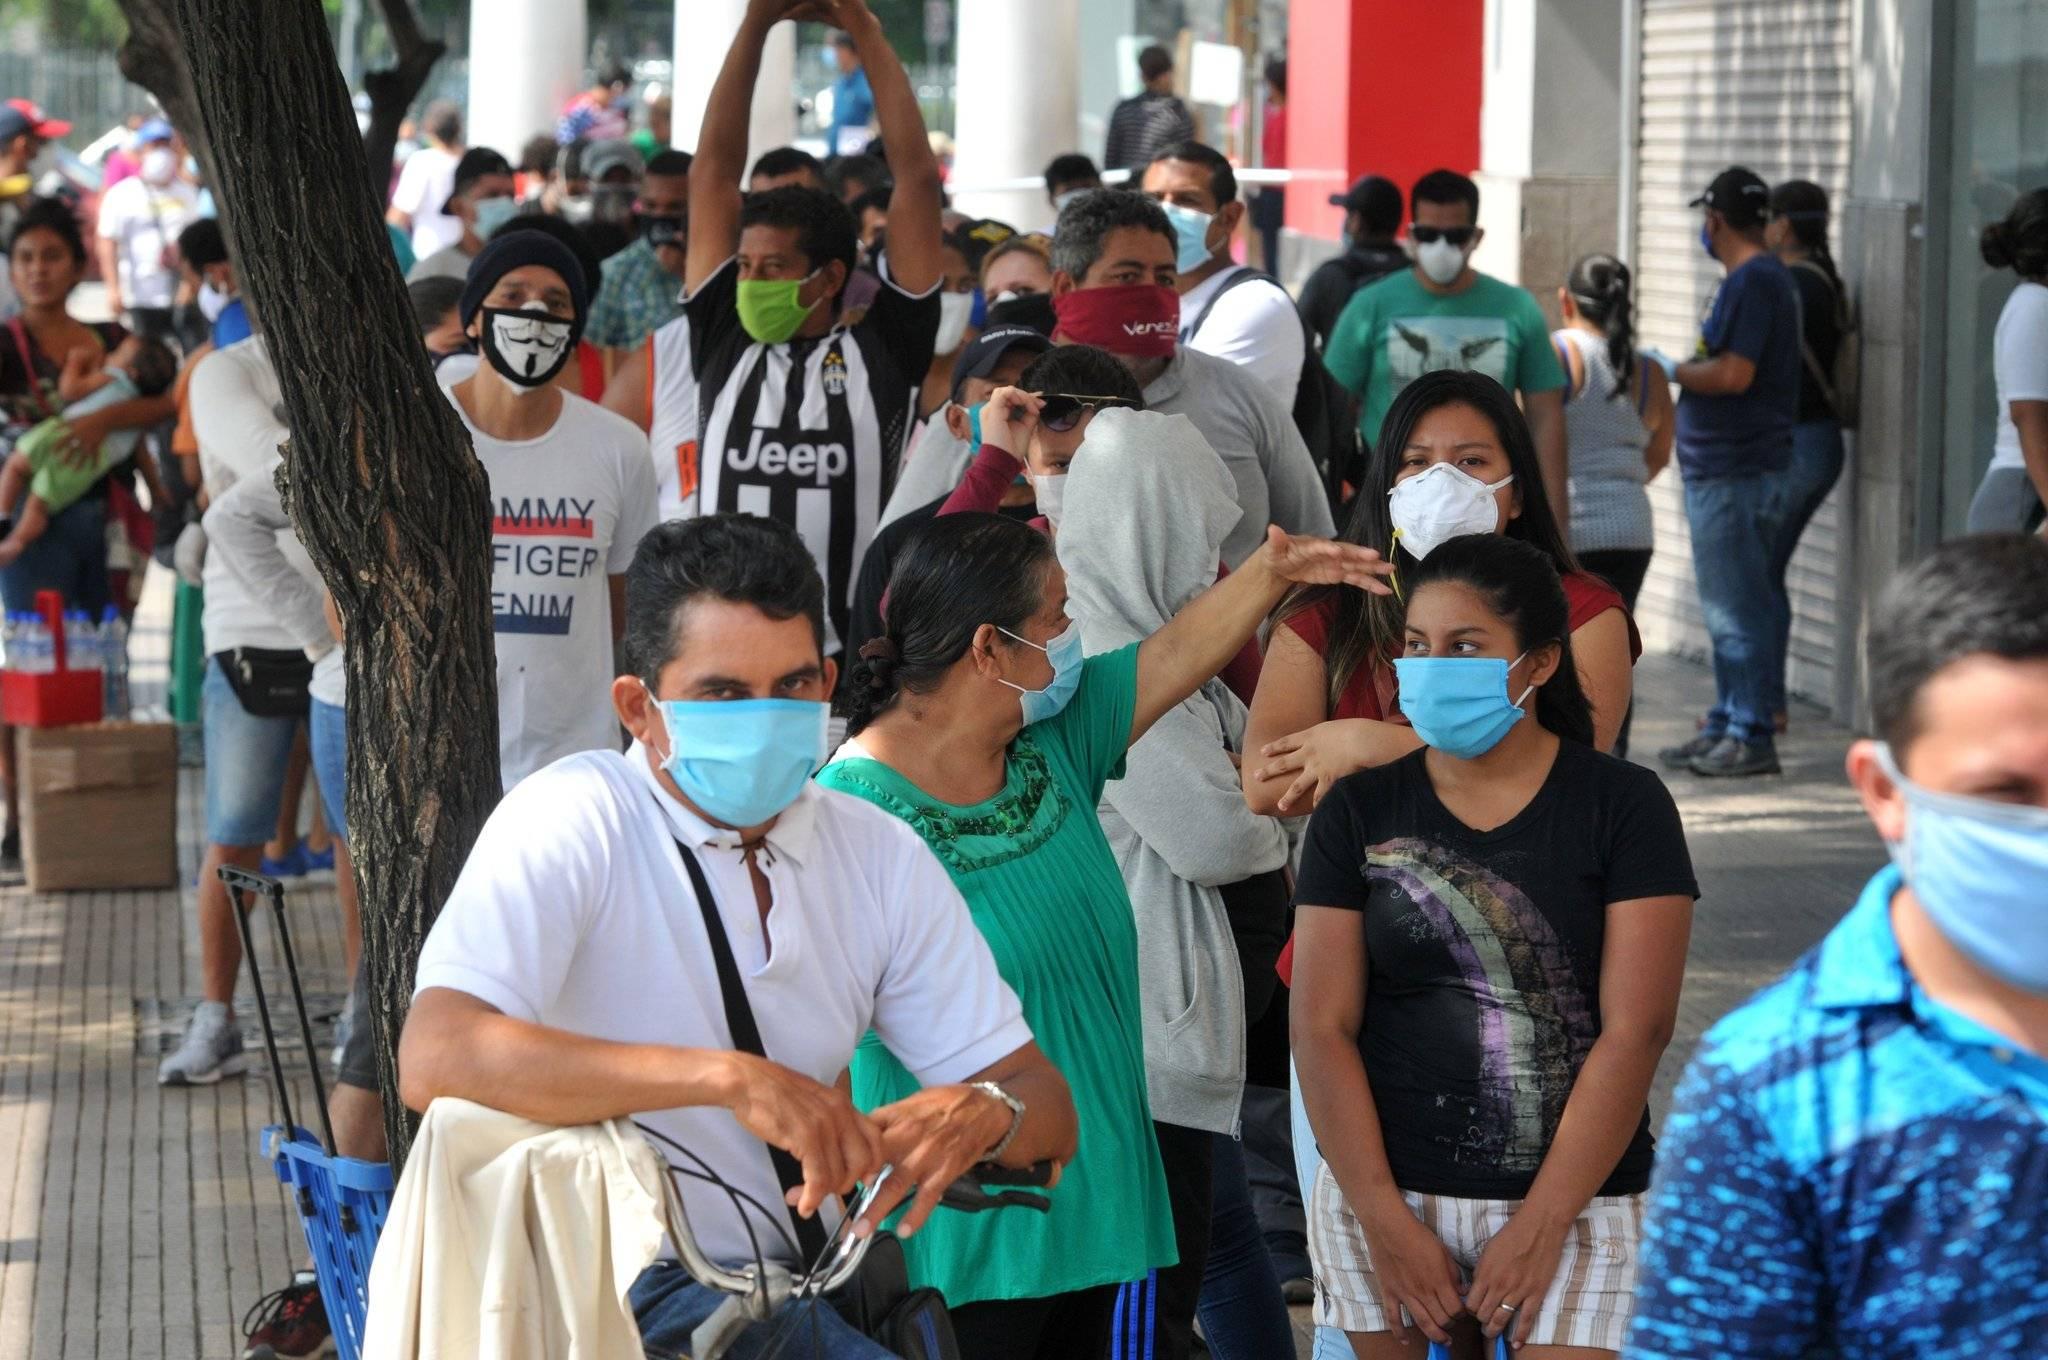 巴西冠状病毒每天增加3万多个。 巴西圣保罗新冠